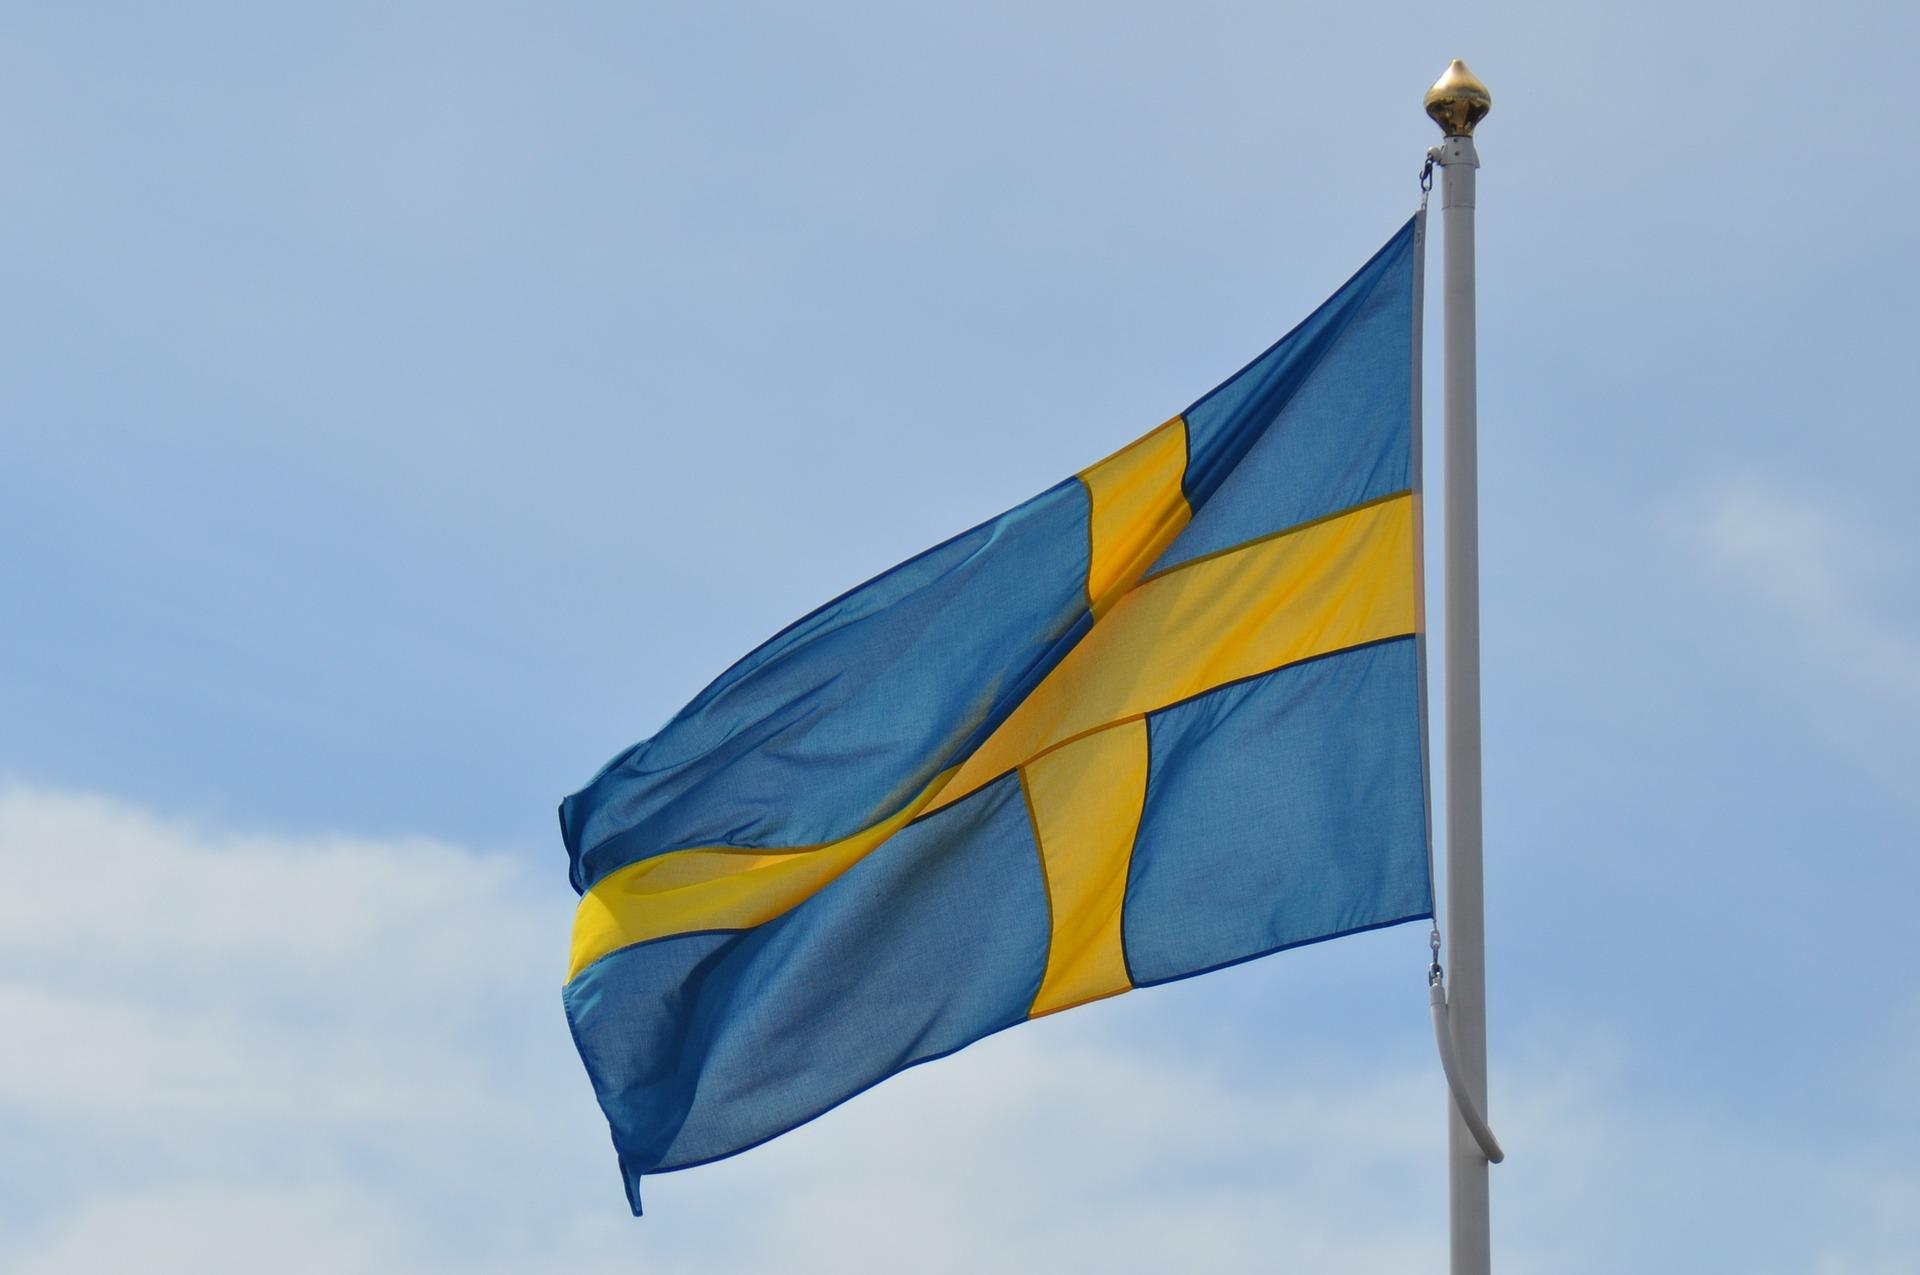 Kuchnia szwedzka, pomimo bliskości tego kraju, może być dla nas nieznana. Sprawdź się w naszym quizie!